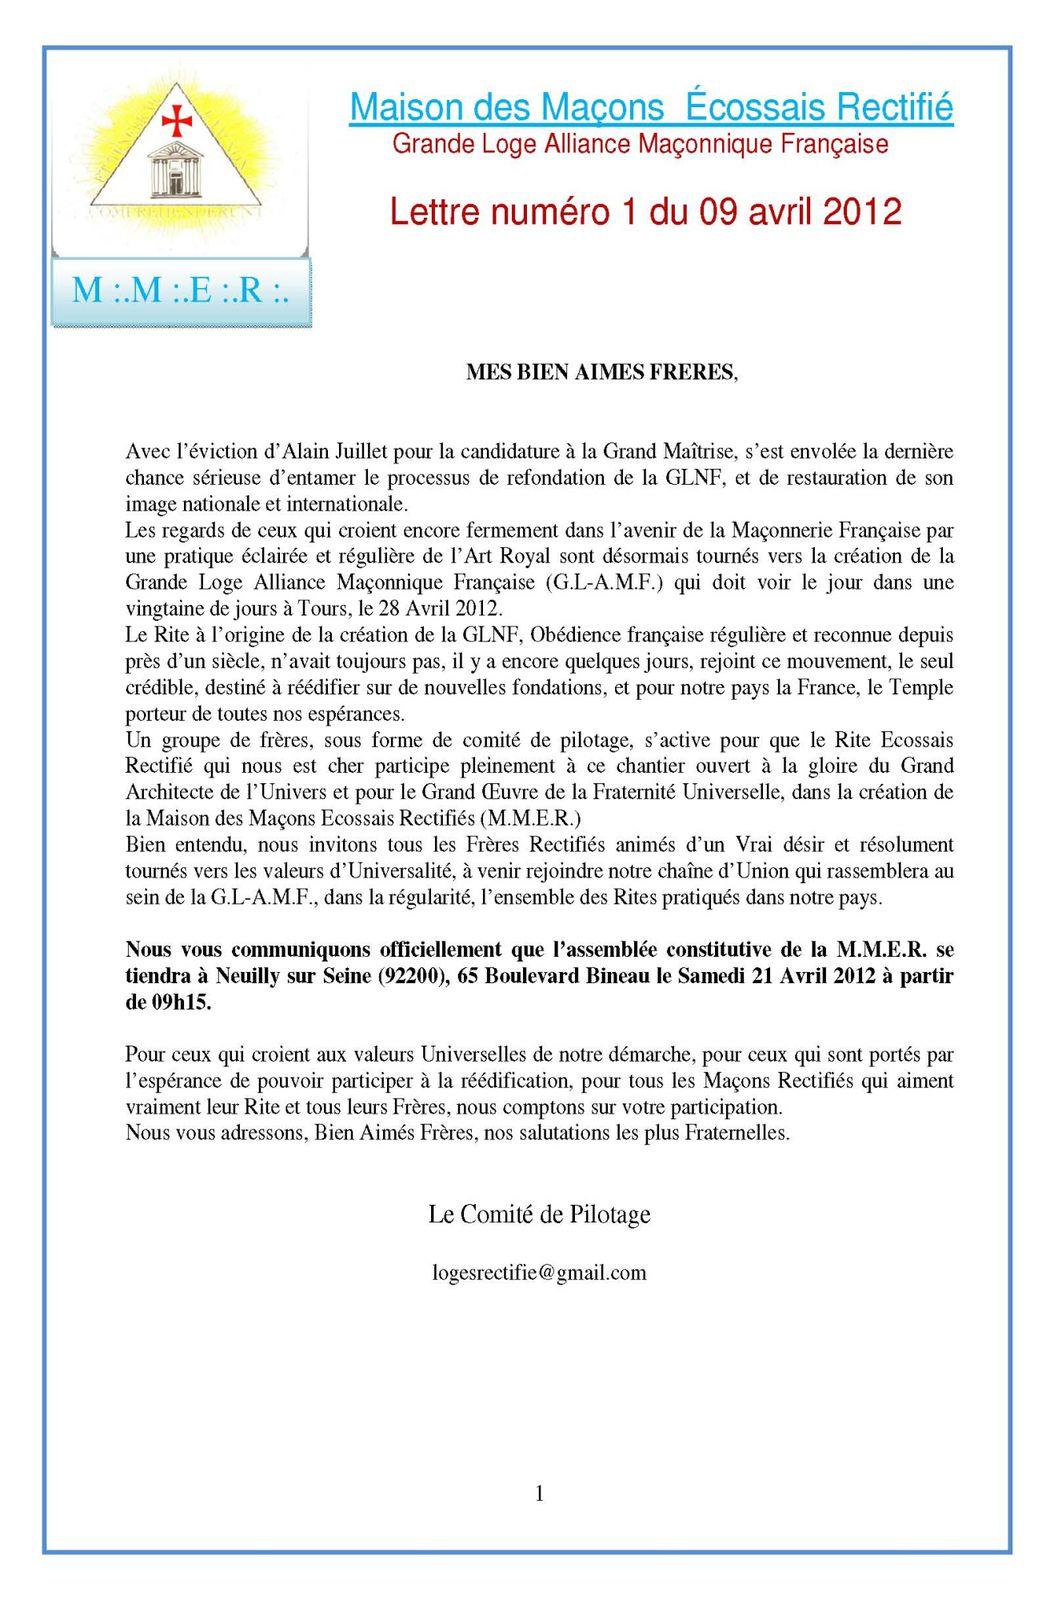 2012-04-09-Lettre-N-1-Maison-du-RER.jpg